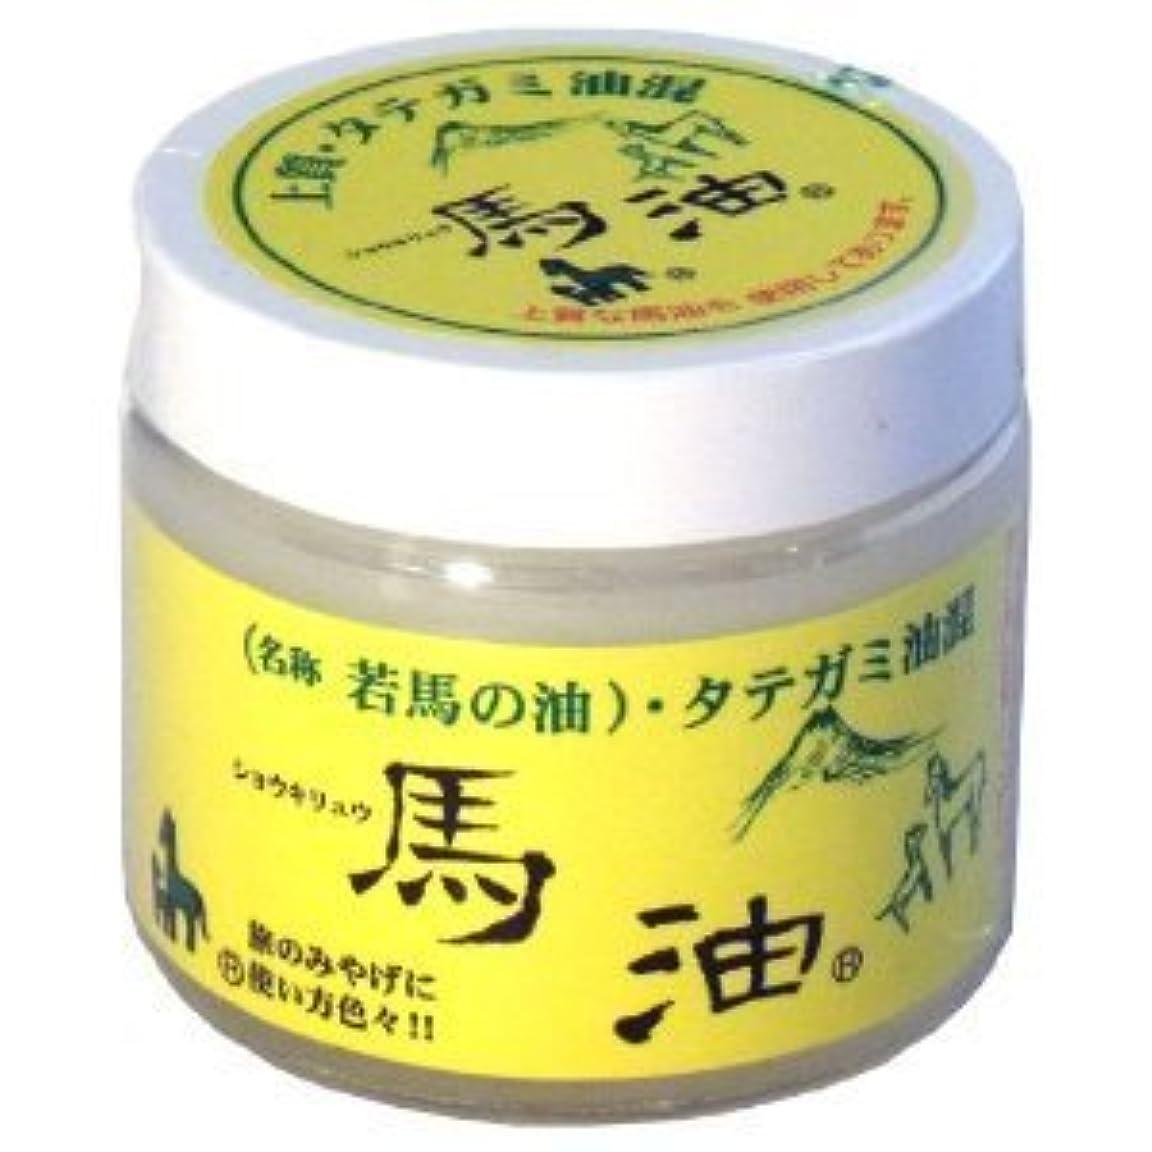 悪性顕現床を掃除するショウキリュウ 馬油(若馬の油) 80ml ×6